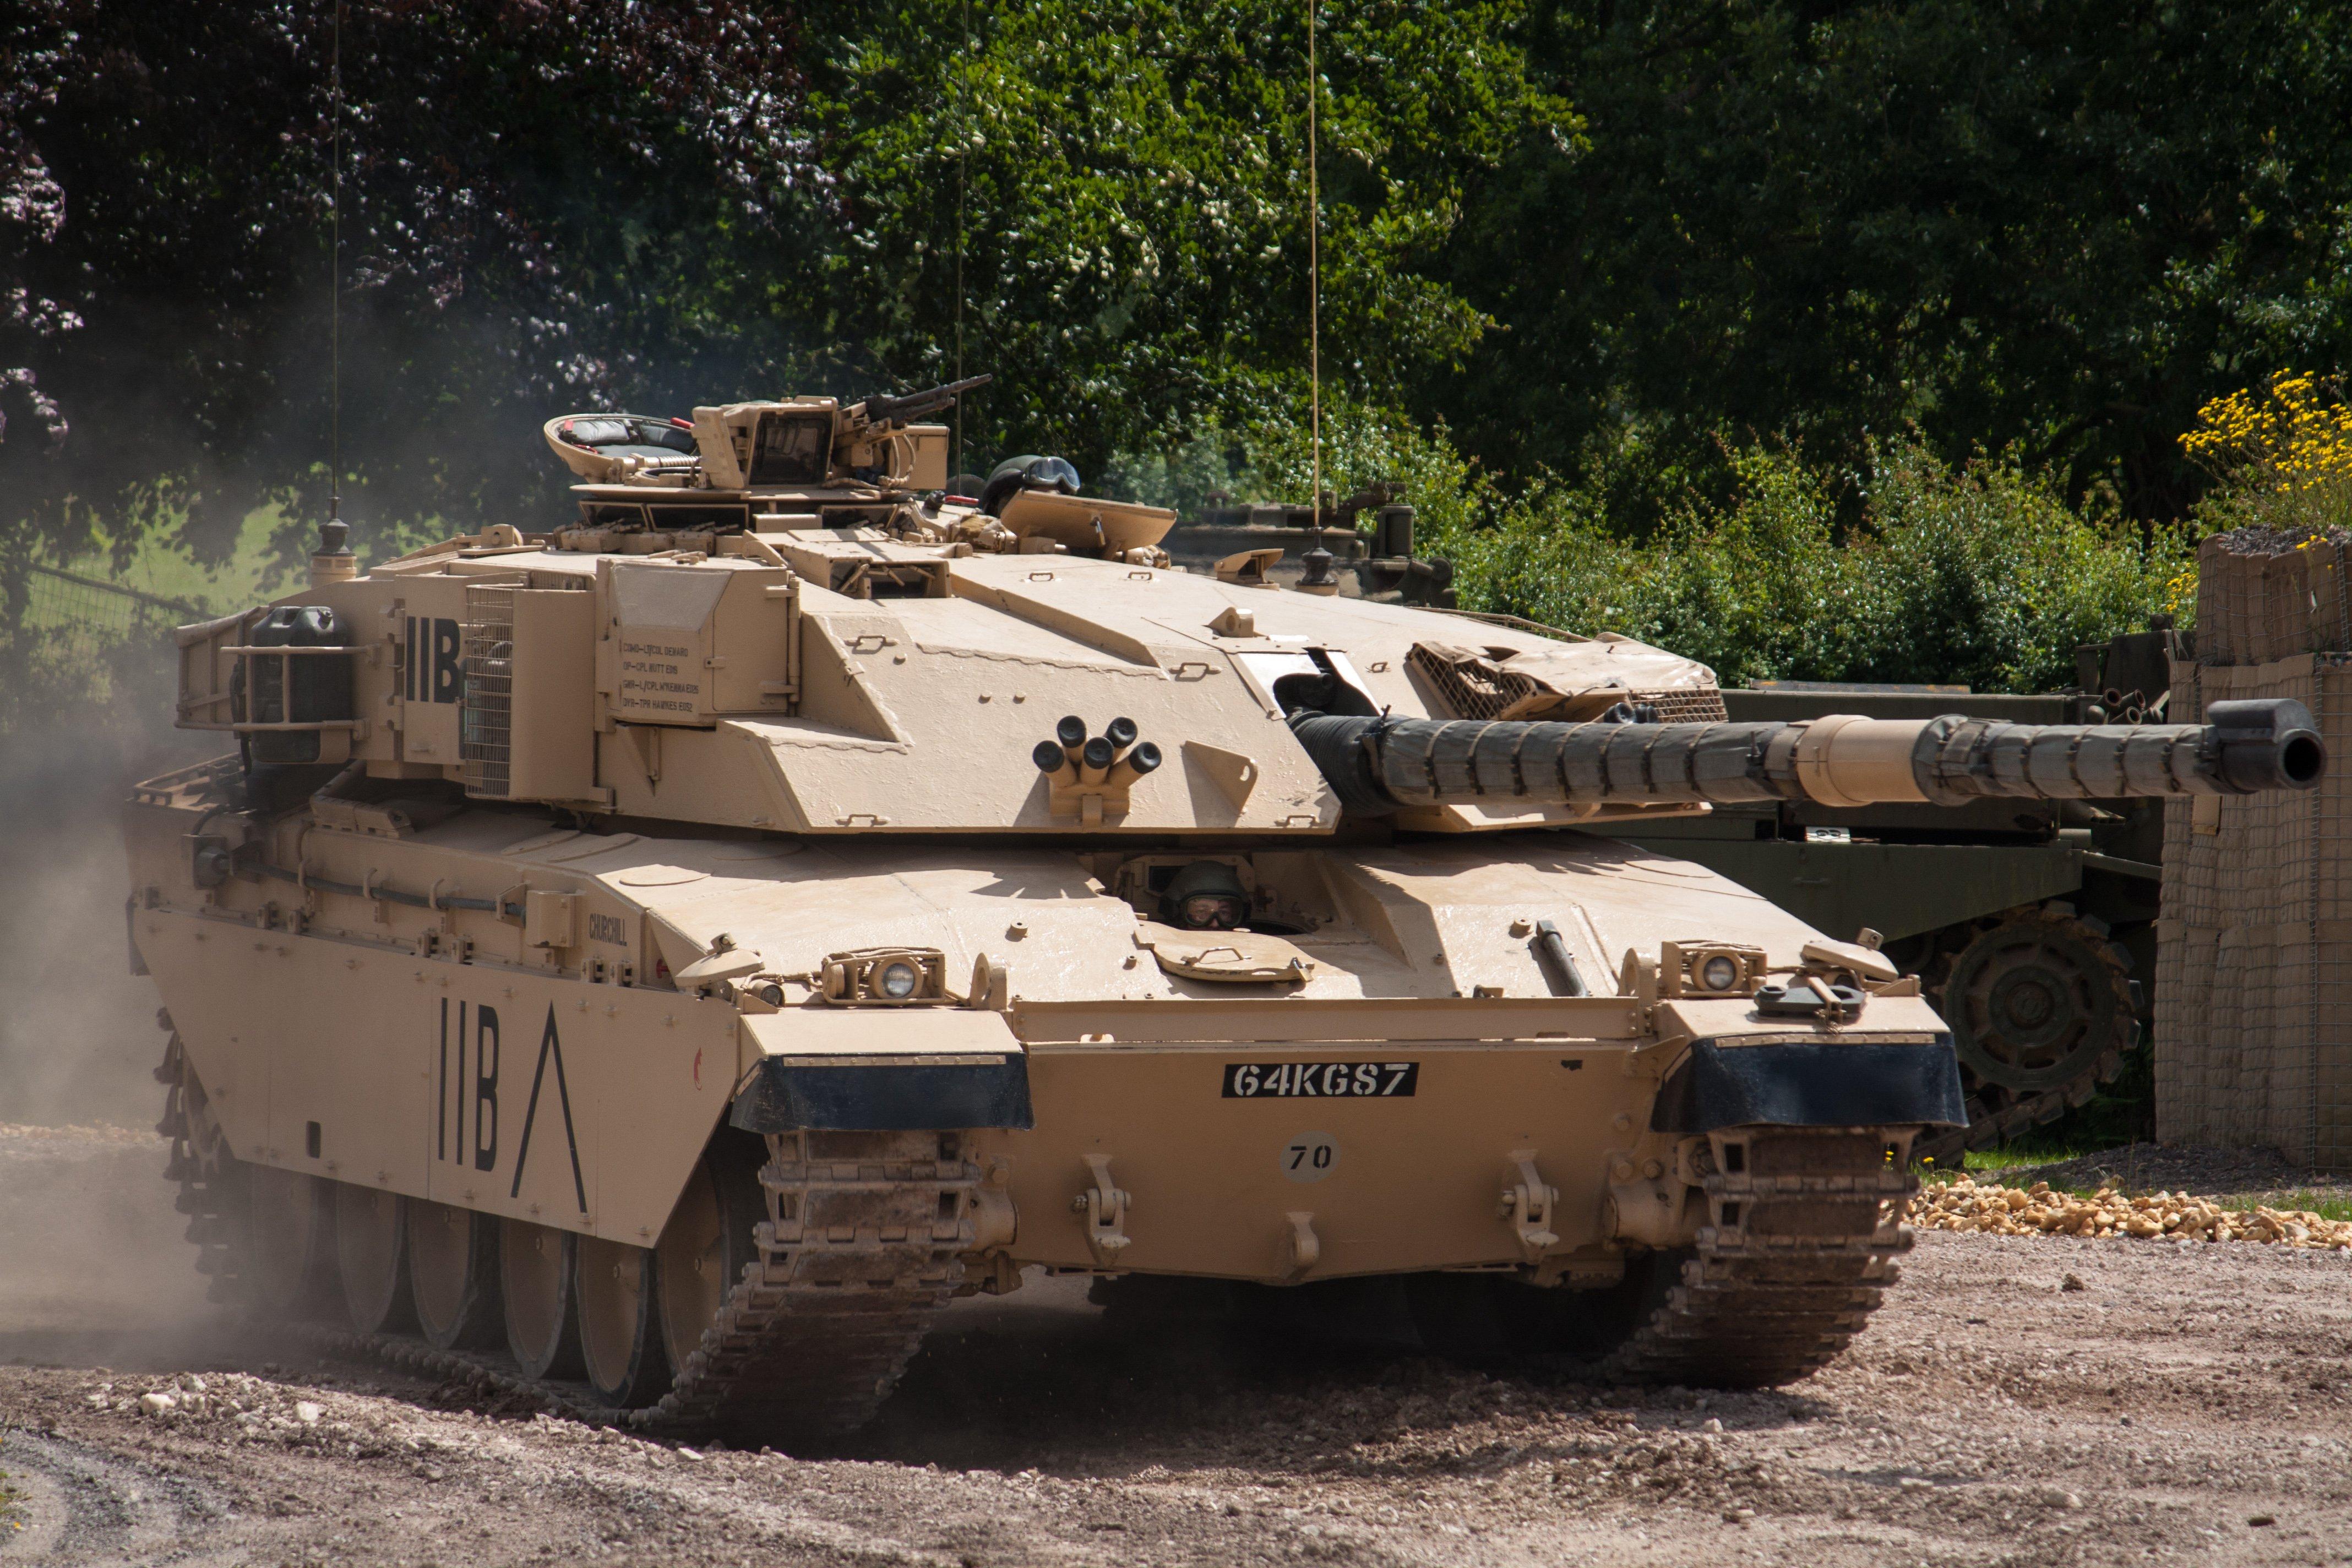 Первые подробности сюжета Armored Warfare - Изображение 1